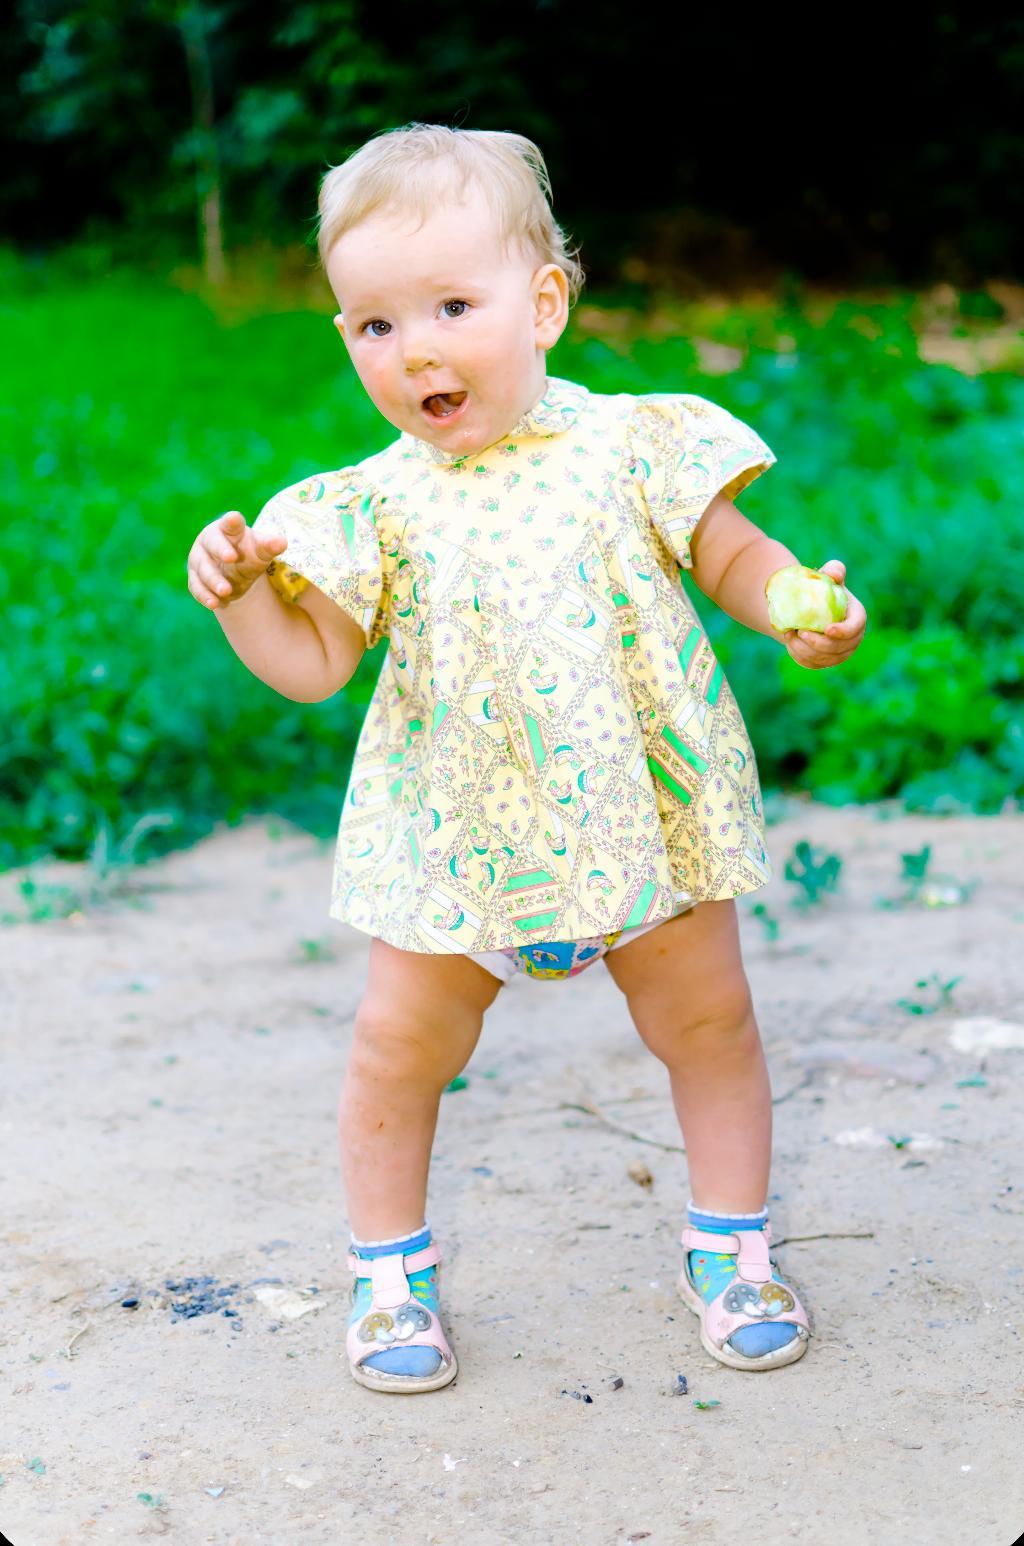 Движение - жизнь))). Танцуй, пока молодой!